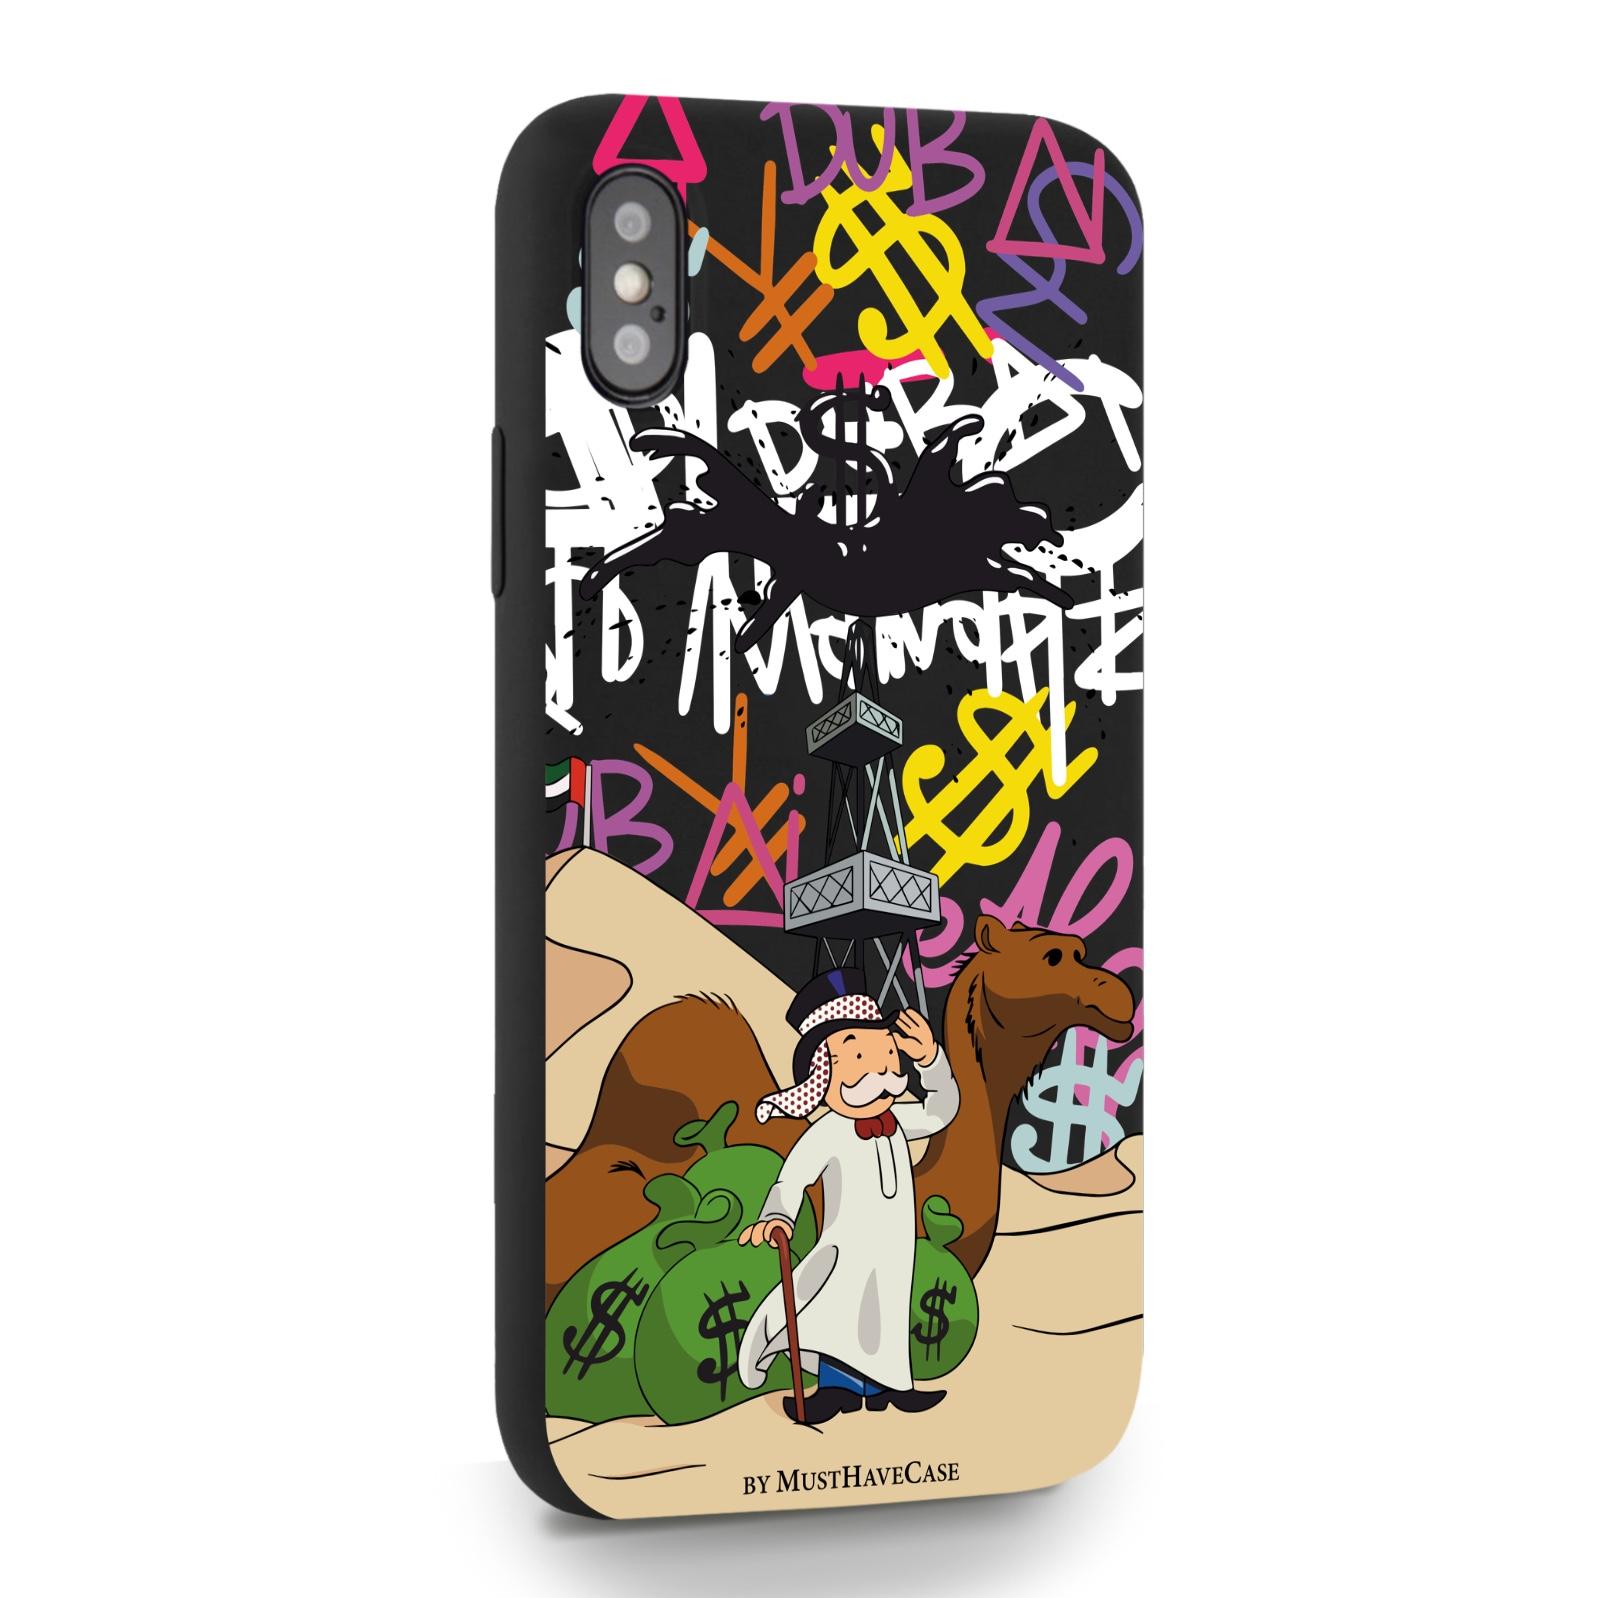 Черный силиконовый чехол для iPhone X/XS Monopoly Dubai/ Дубай для Айфон 10/10с